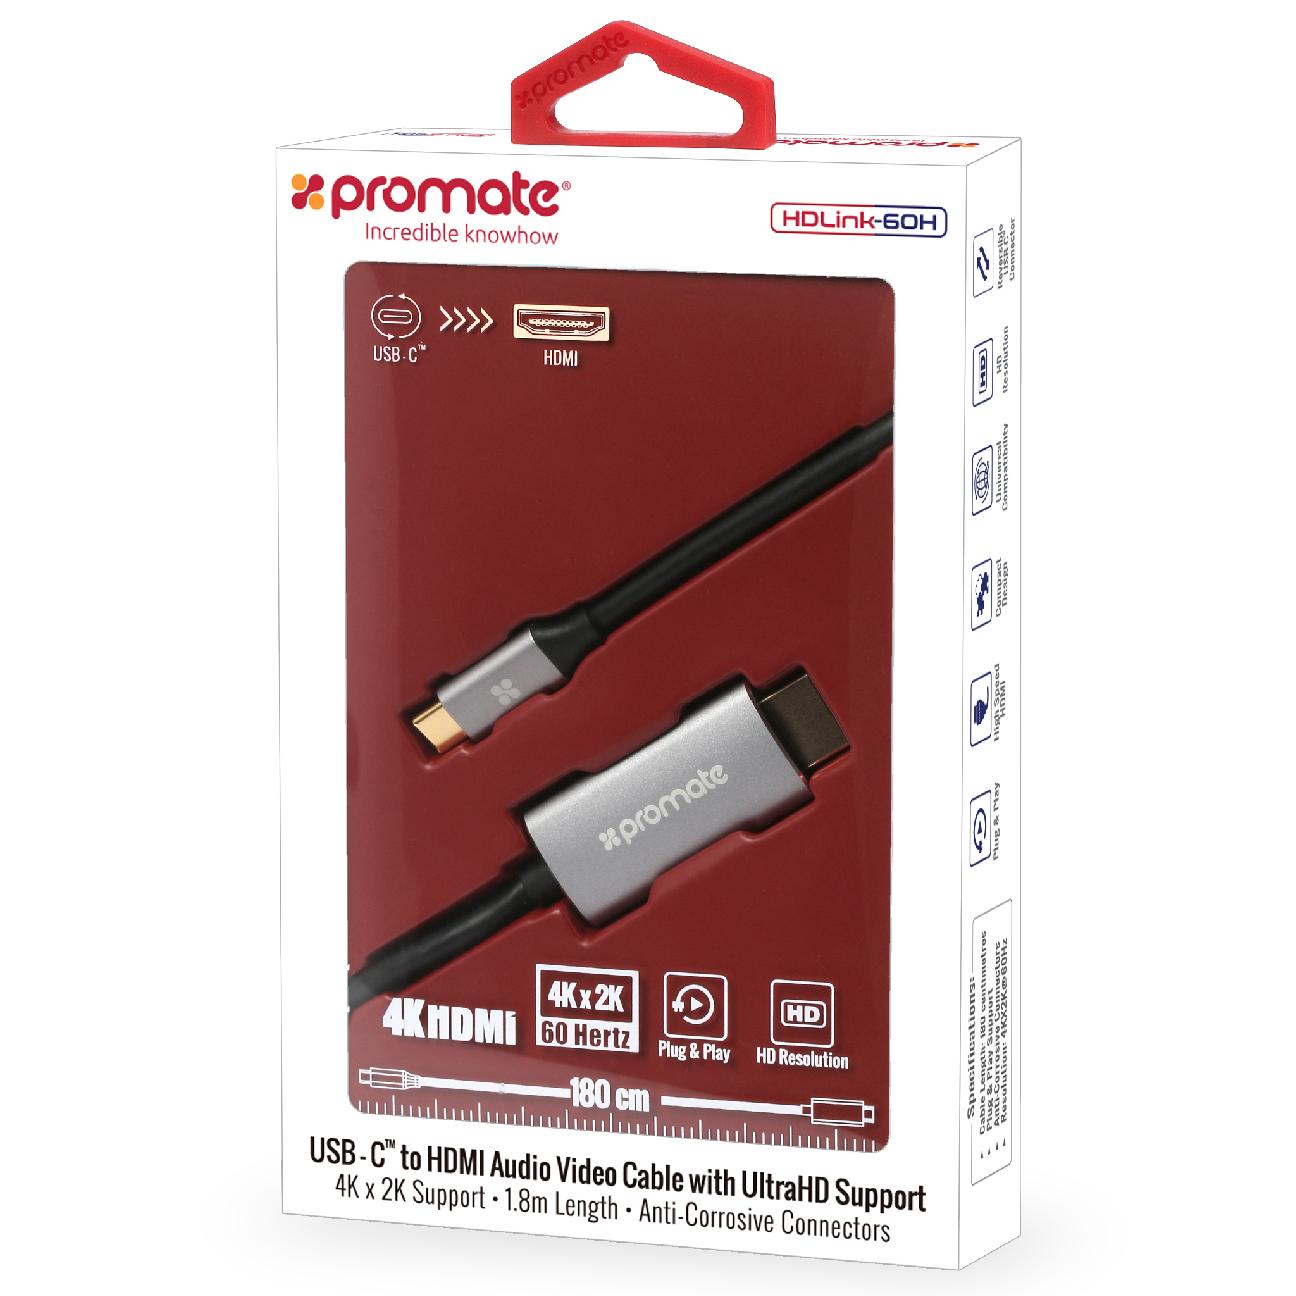 Кабель Promate HDLink-60H, серый зеленый juneng llano type c линия hdmi кабель преобразователя macbook apple ноутбук видео конвертер usb c к hdmi видео кабель 2 м